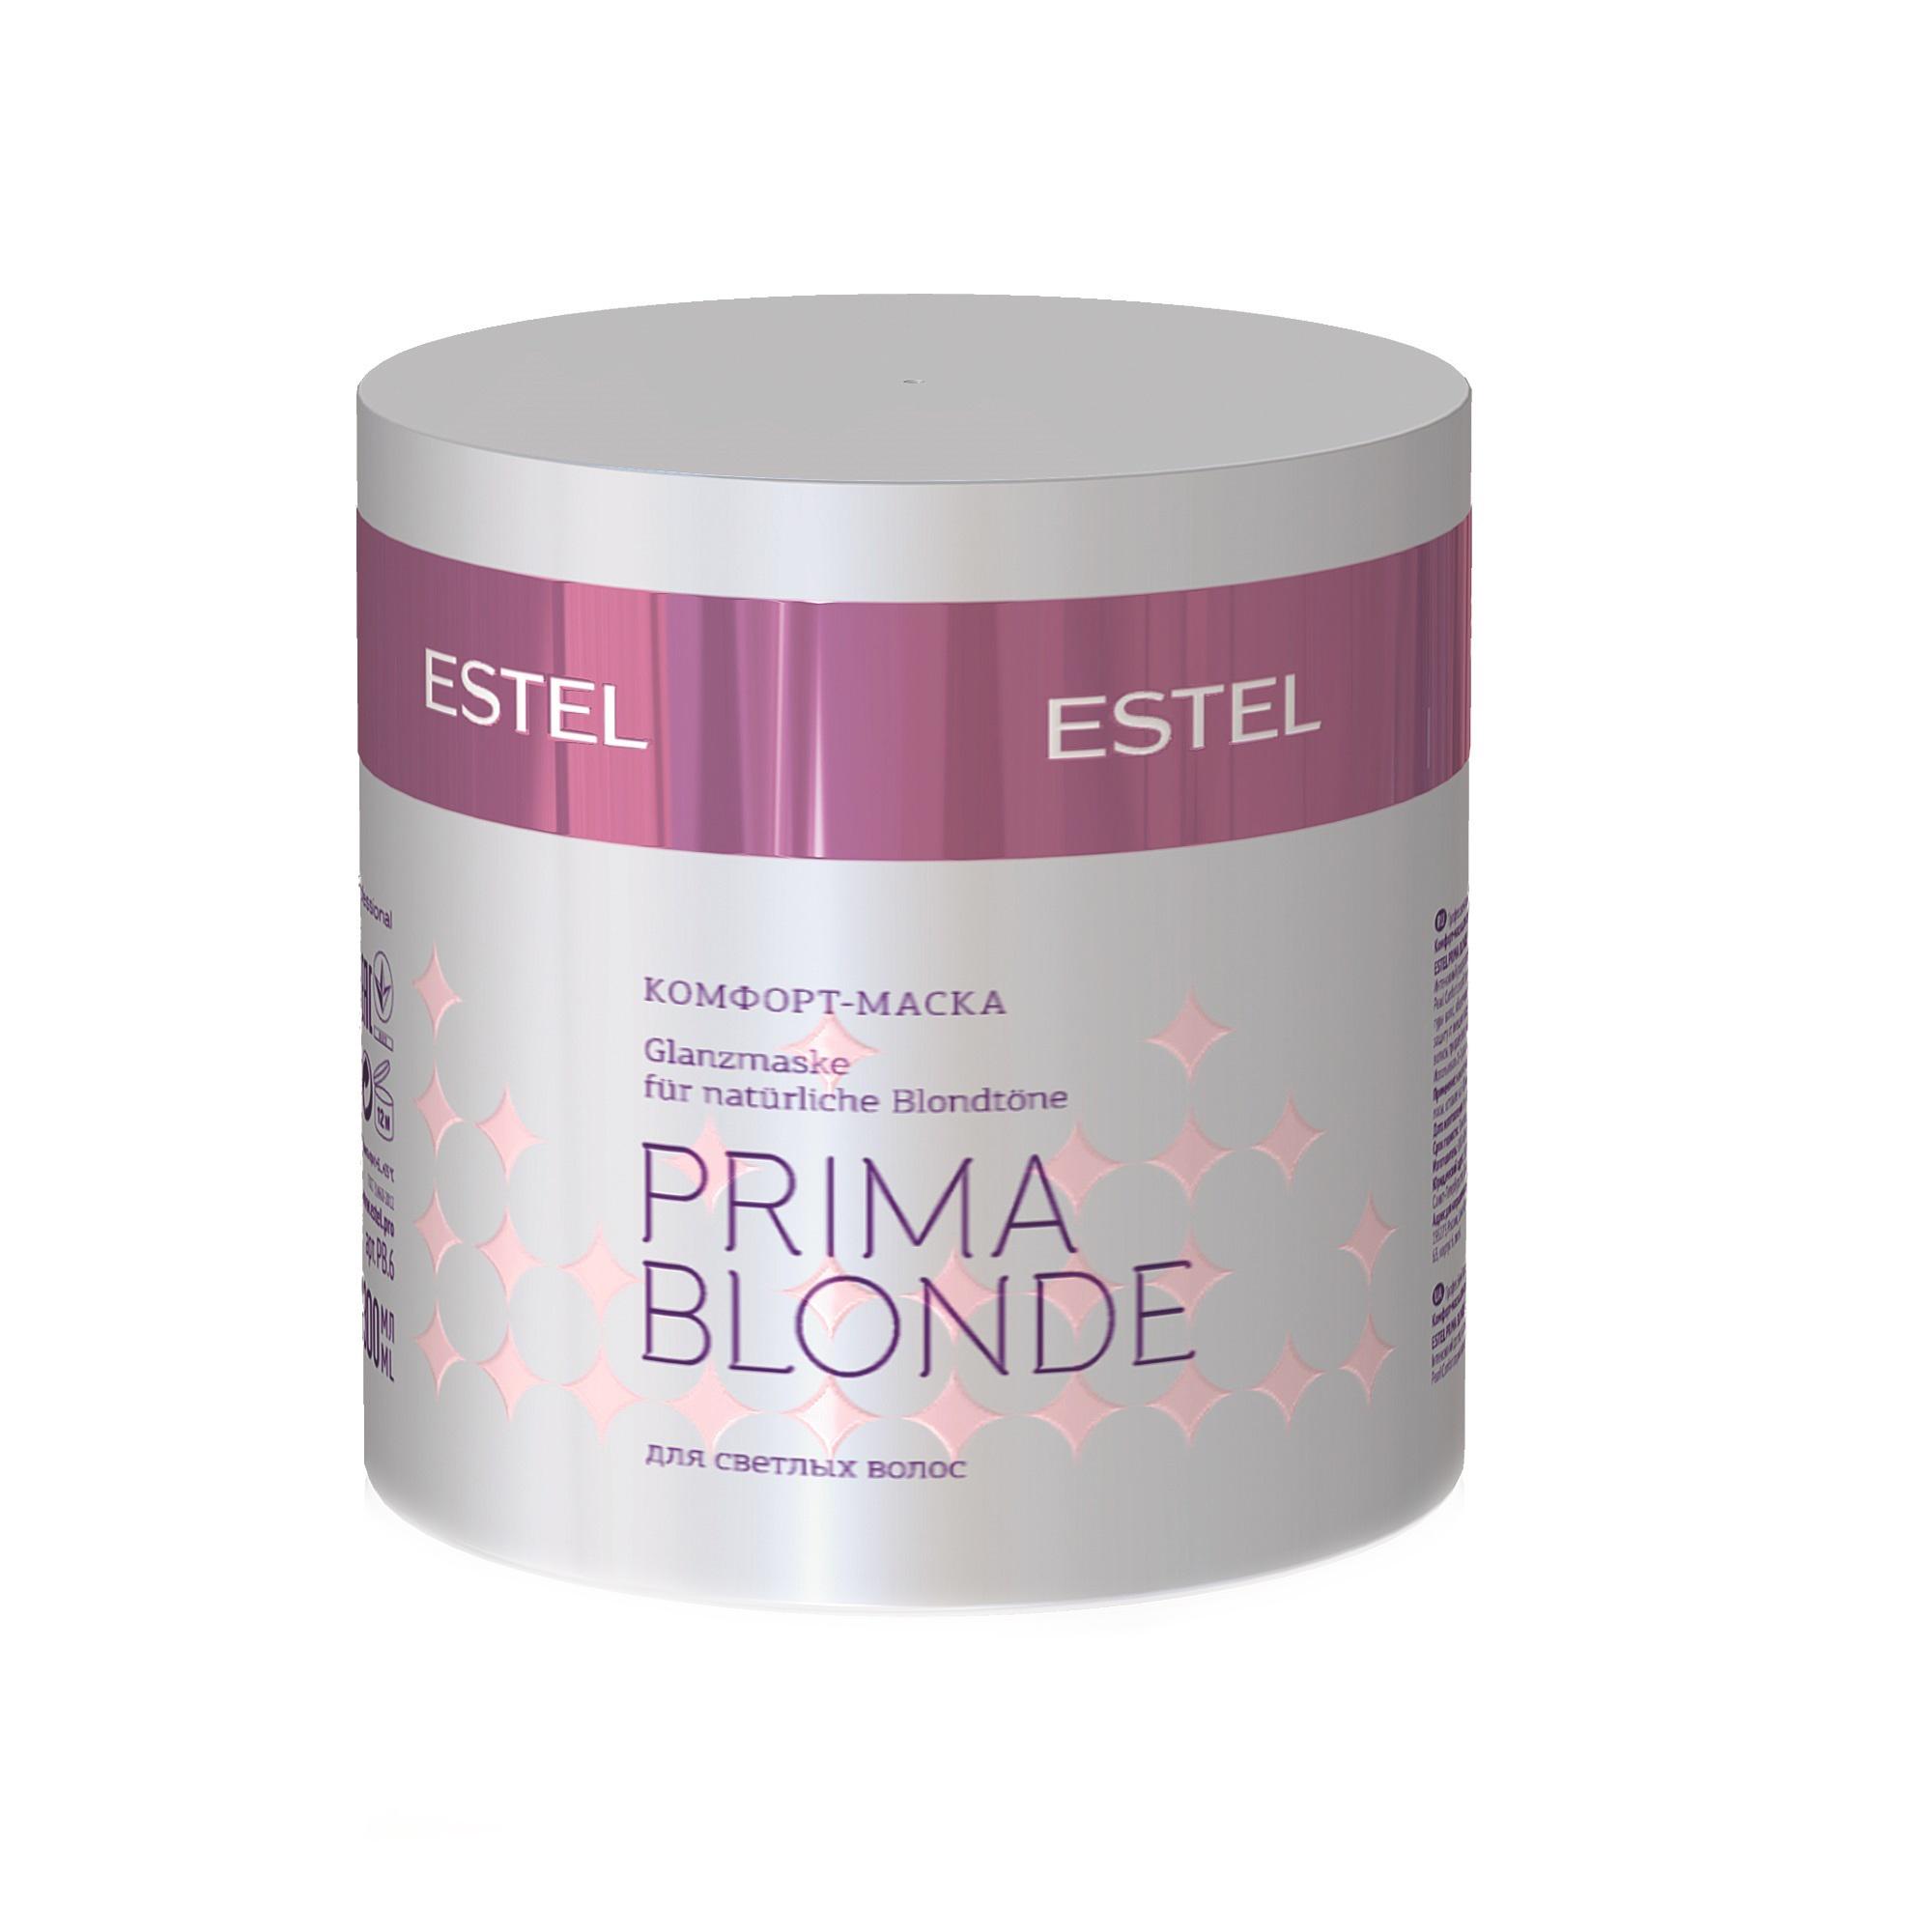 Купить Маски для волос Estel, Маска-комфорт Estel Prima blonde для светлых волос 300 мл